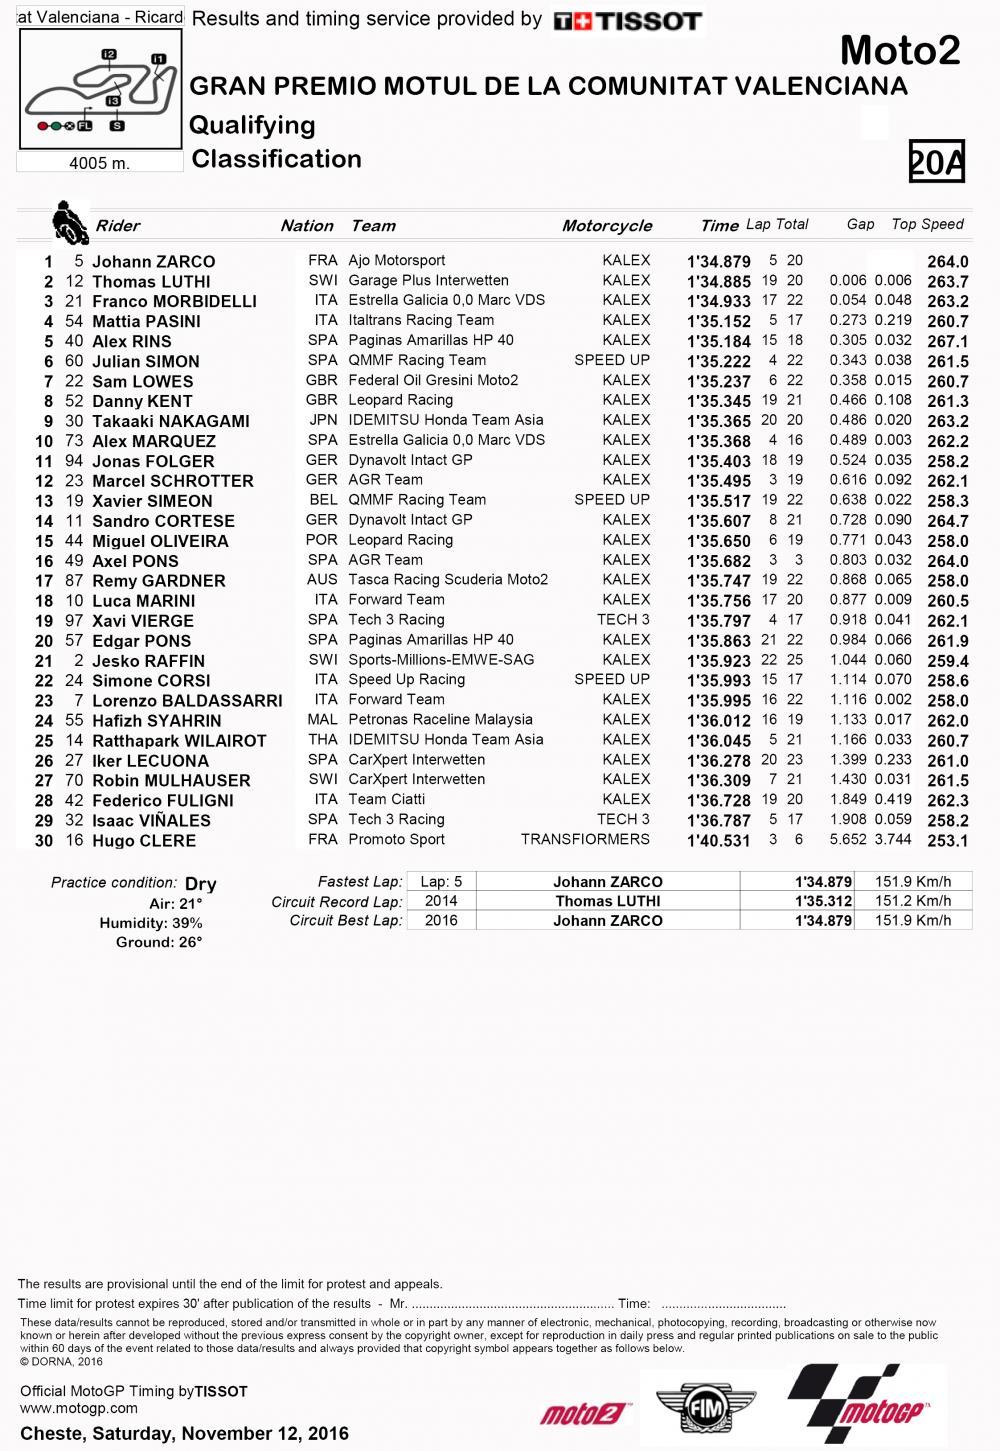 Motomondiale 2016, Comunitat Valenciana, Moto2: qualifiche. la griglia di partenza